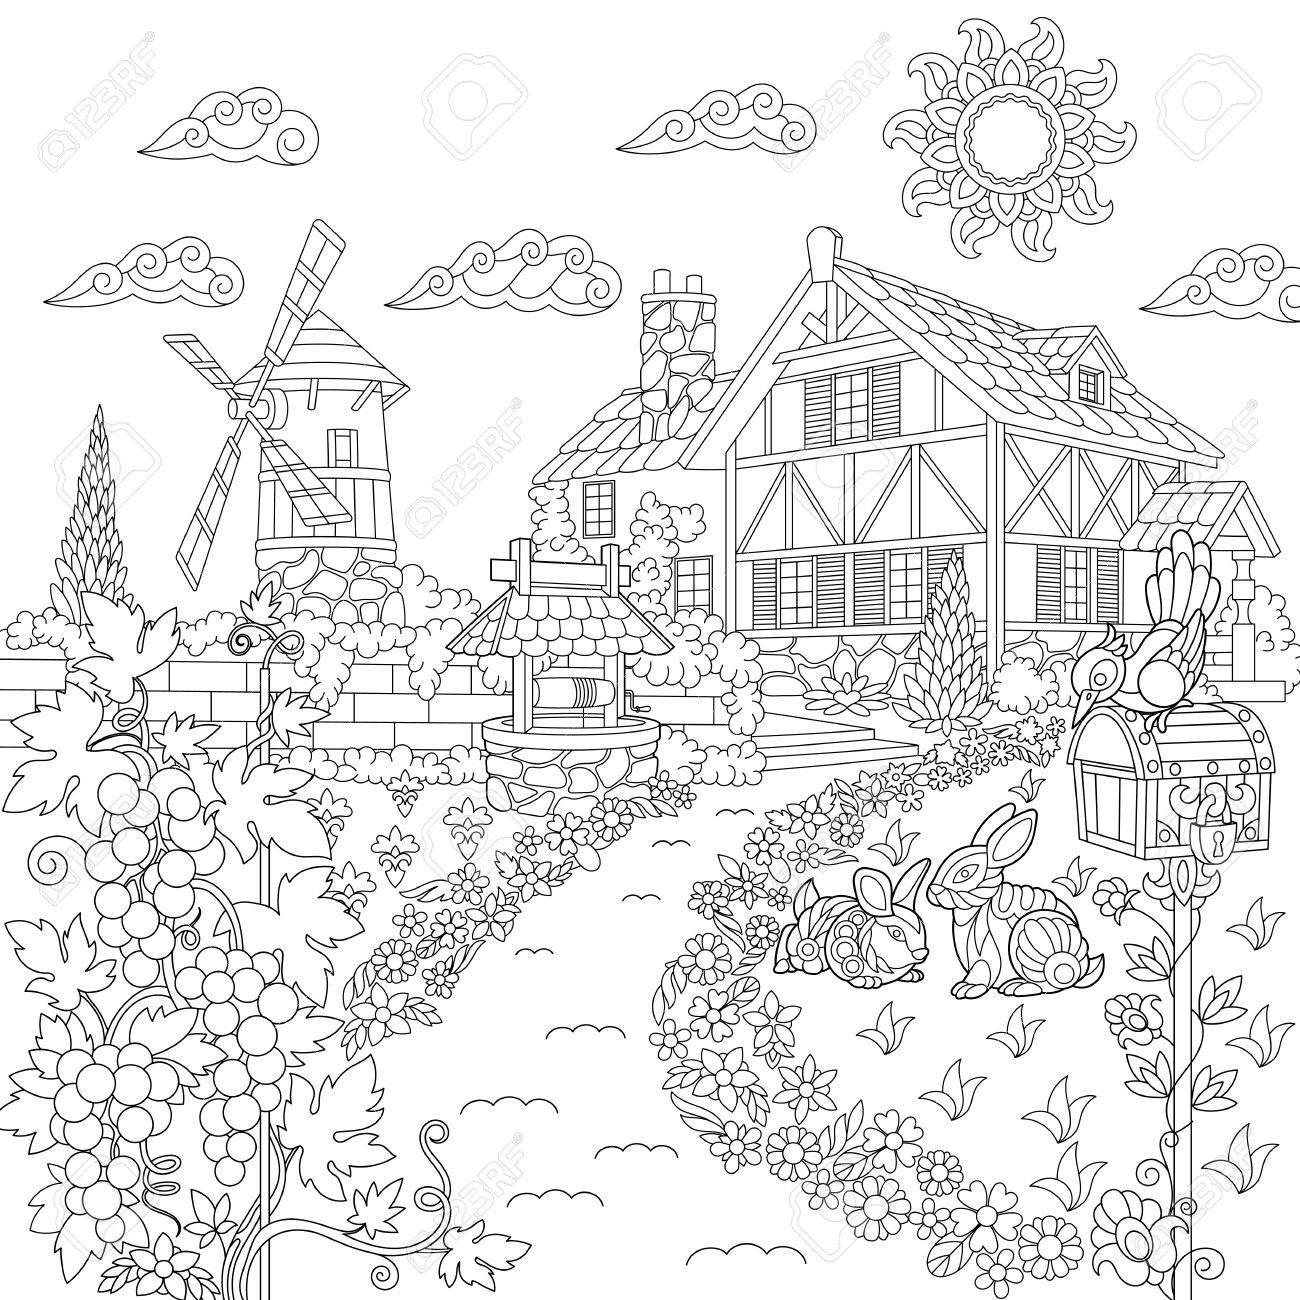 Página Del Libro Para Colorear Del Paisaje Rural. Granja, Molino De ...